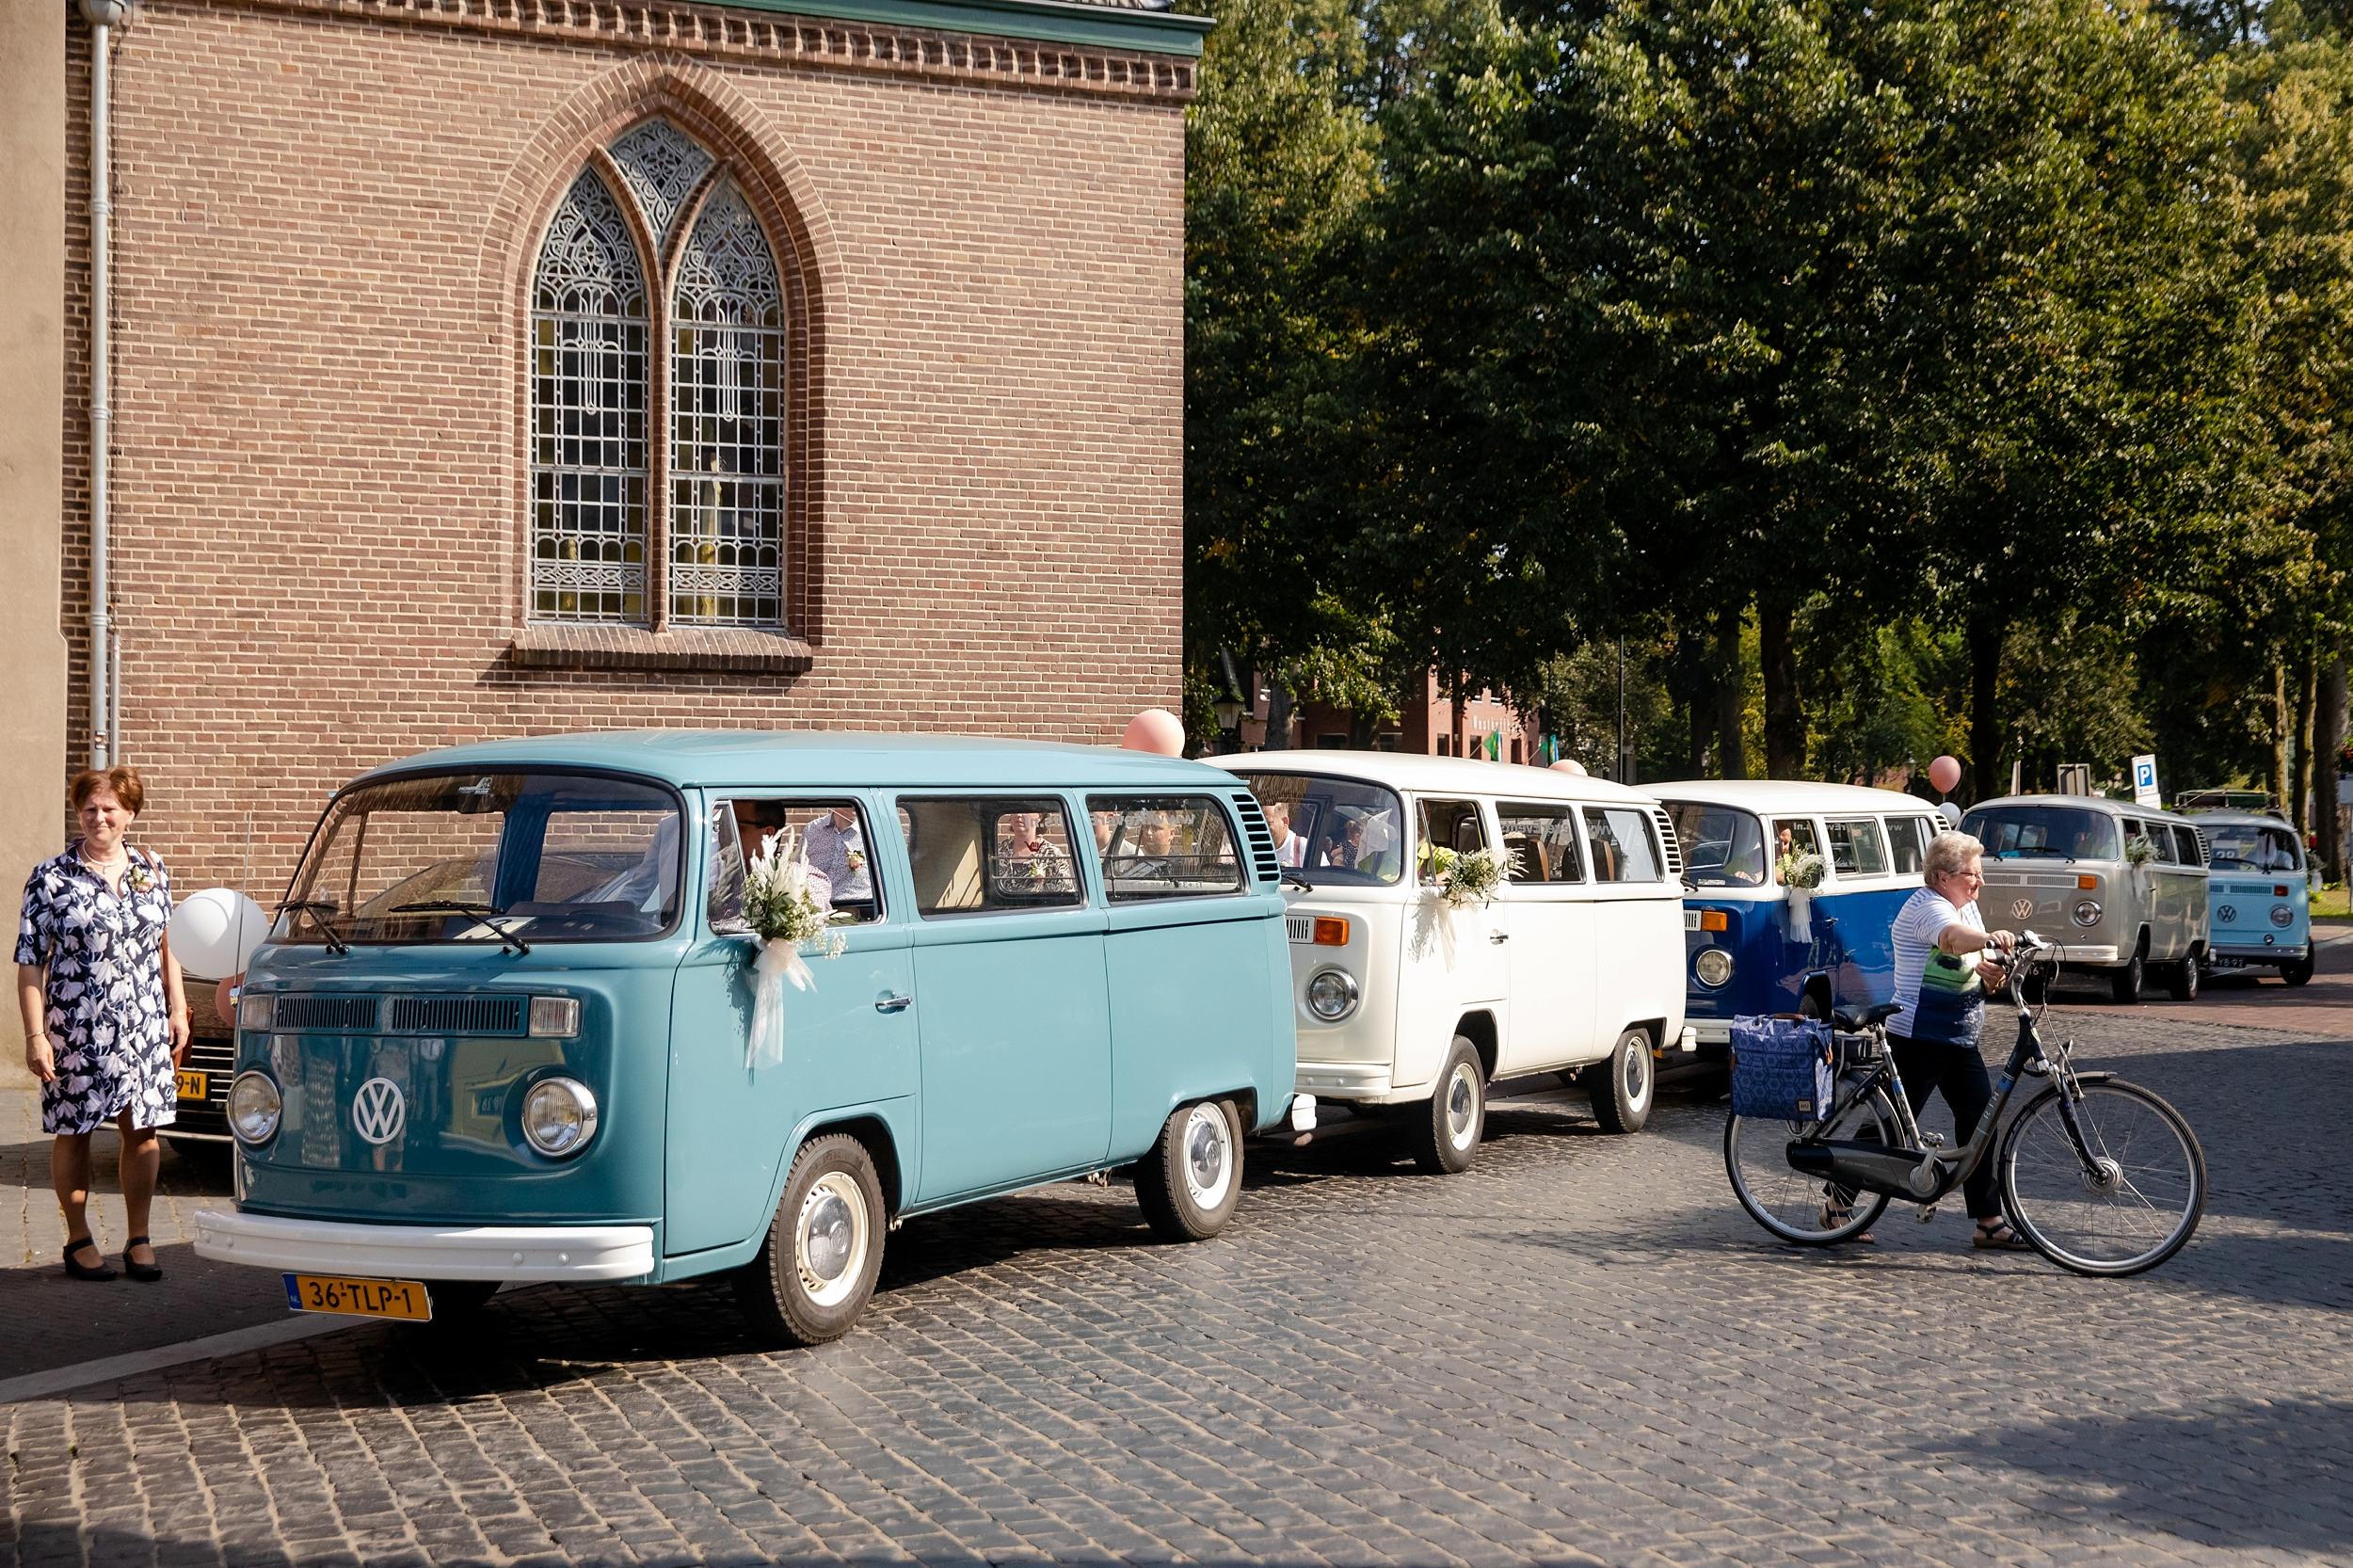 ... om Lunteren een beetje in een feestsfeer te brengen ;-) Bezienswaardigheid zoveel van die mooie busjes bij elkaar.